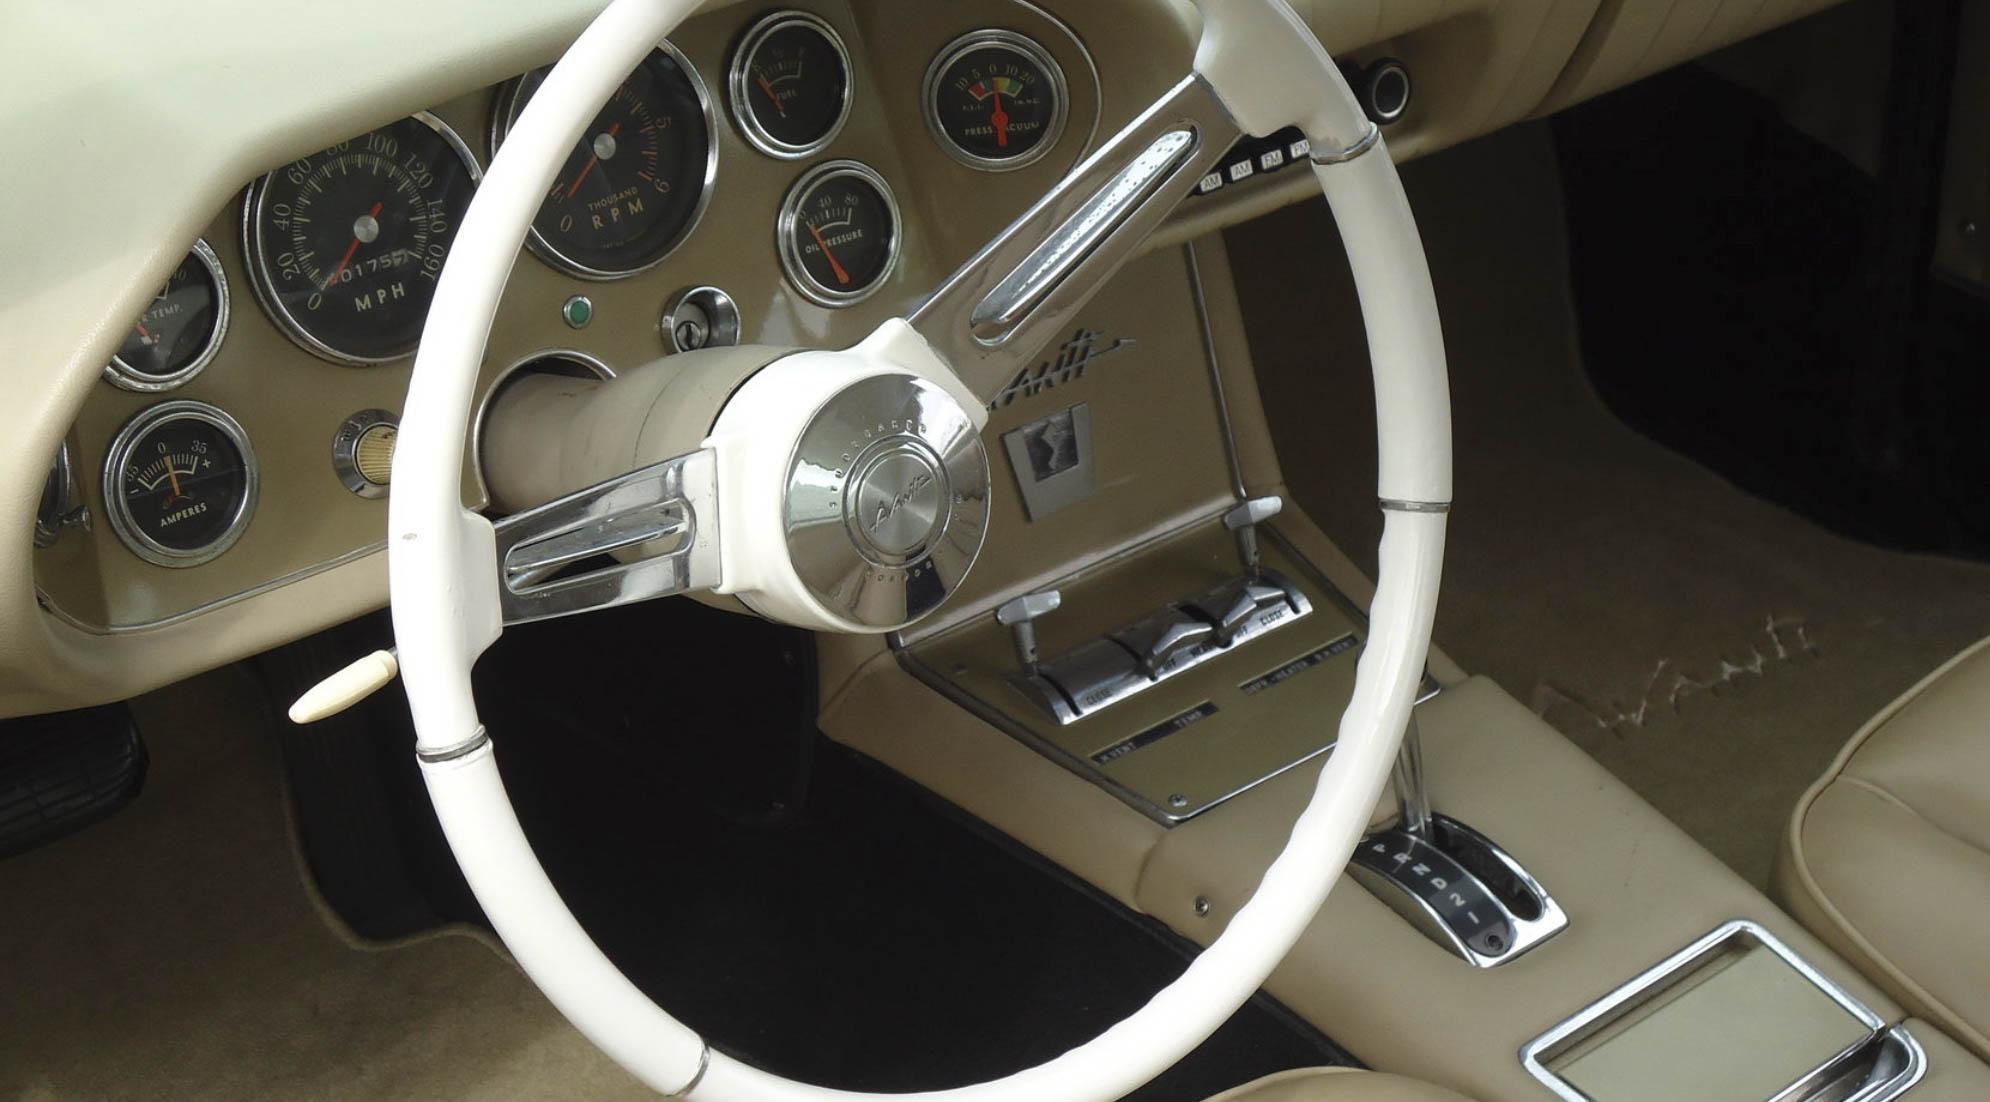 1963 Studebaker Avanti dash